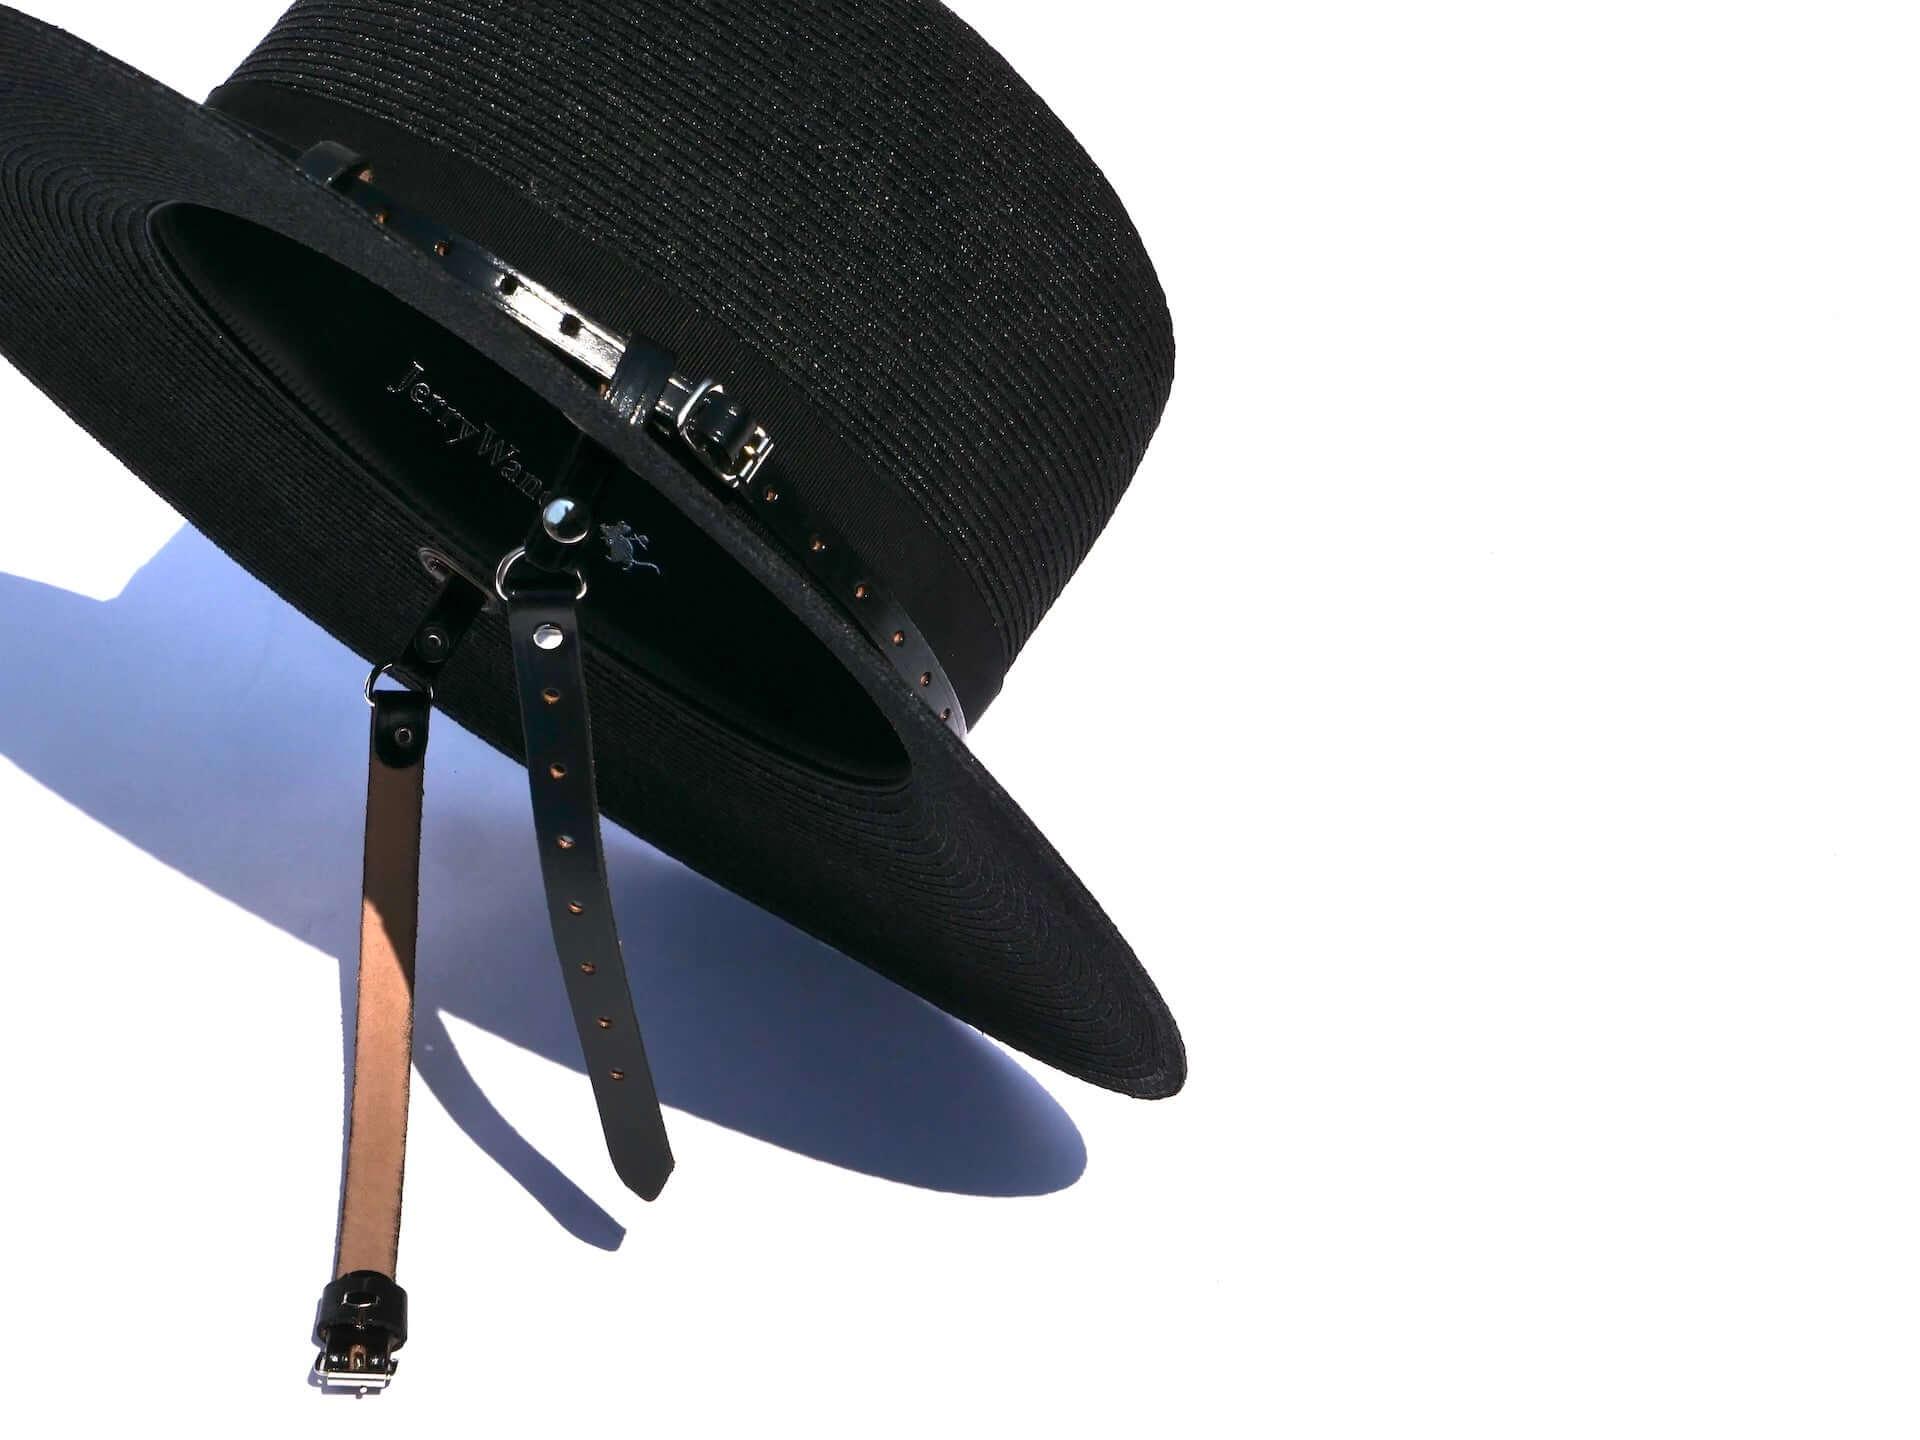 新たな帽子ブランド「Jerry Wander」に現代的レンジャーハットが登場!WAGAMAMA TOKYOとの別注モデルも life200408_jerrywander_2-1920x1440